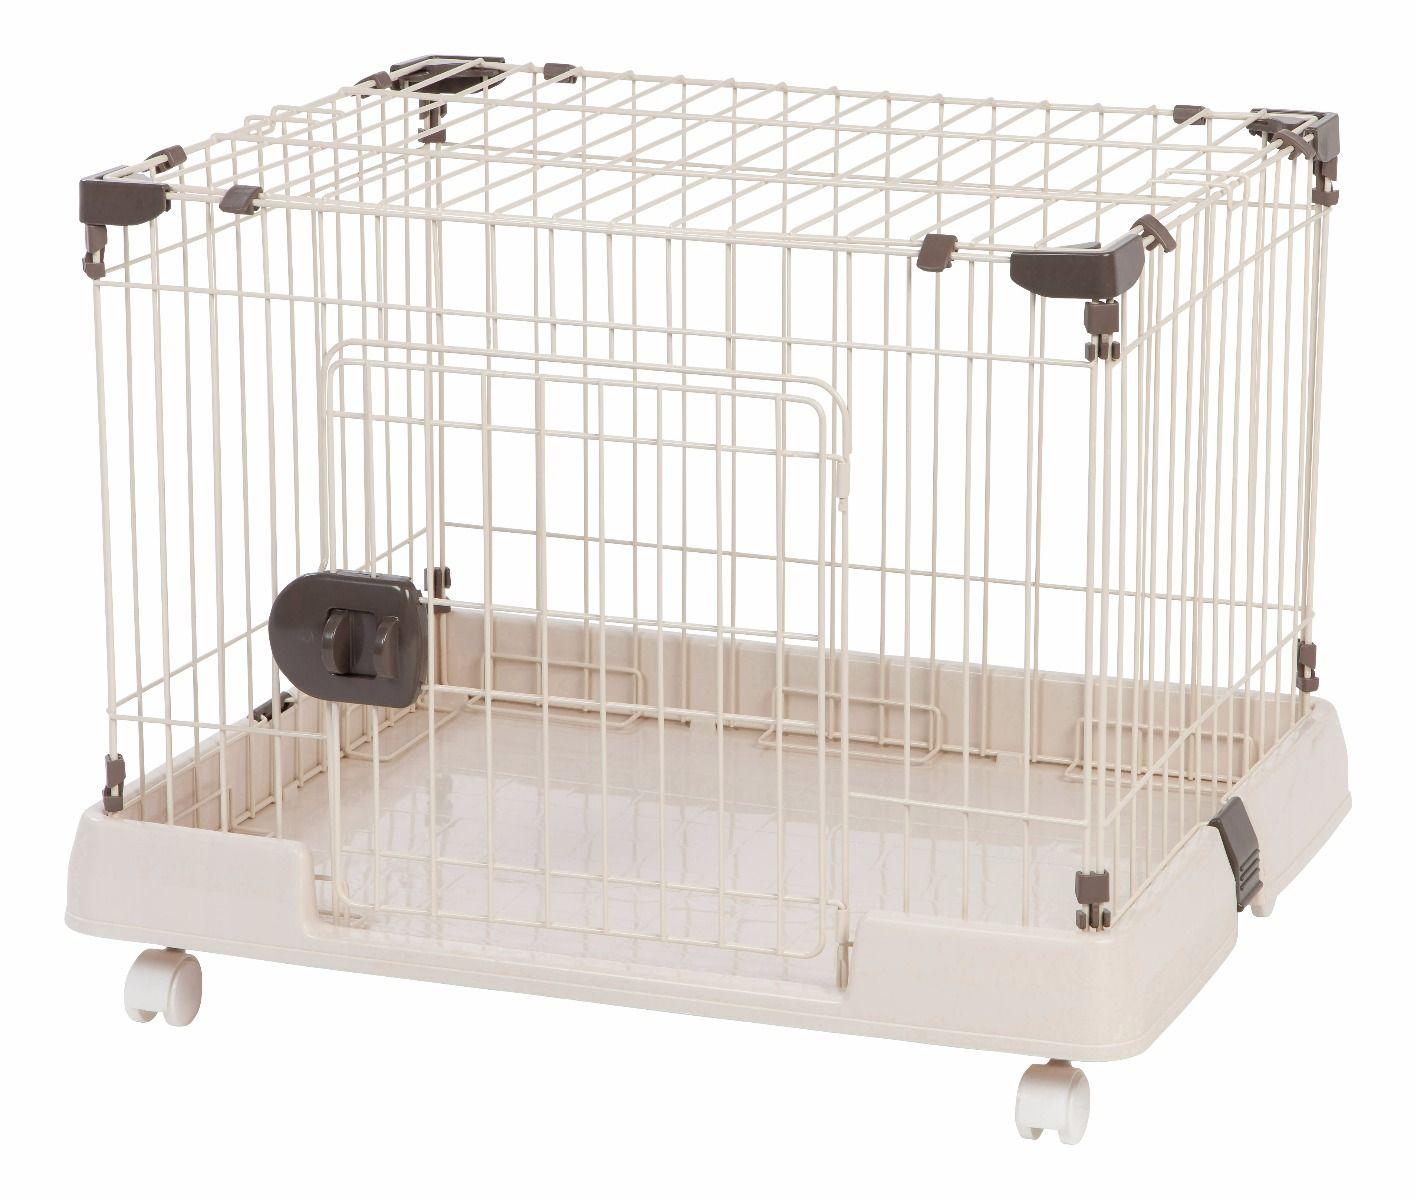 Chuồng chó mèo Iris RKG700L (68x54x52)cm